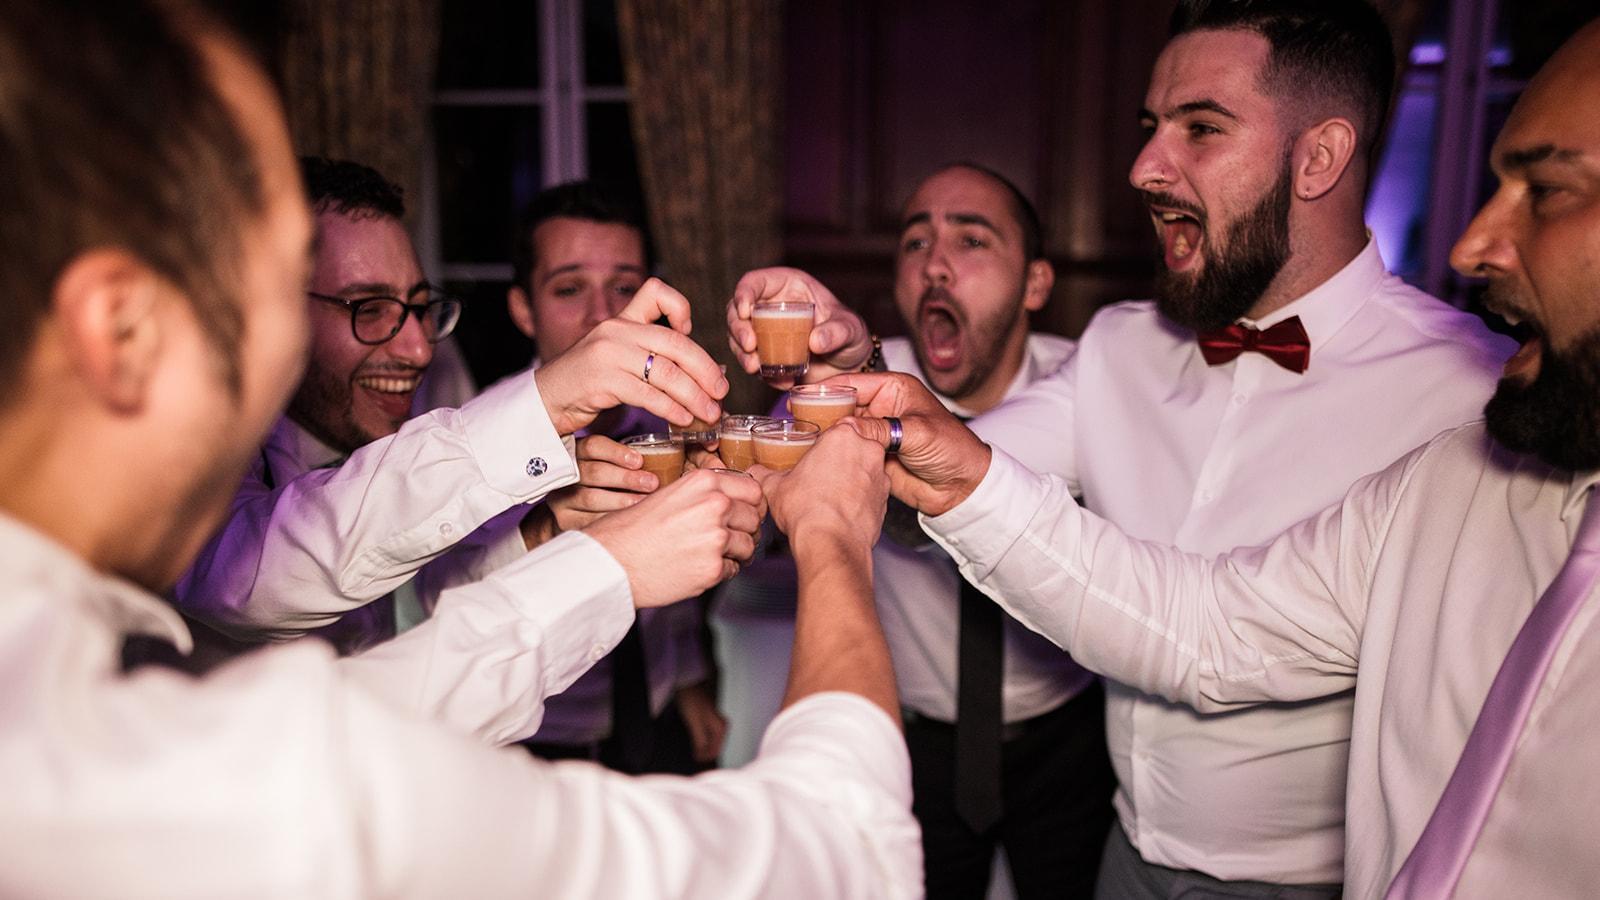 Une fête au chateau de Reilly en compagnie de bar deluxe